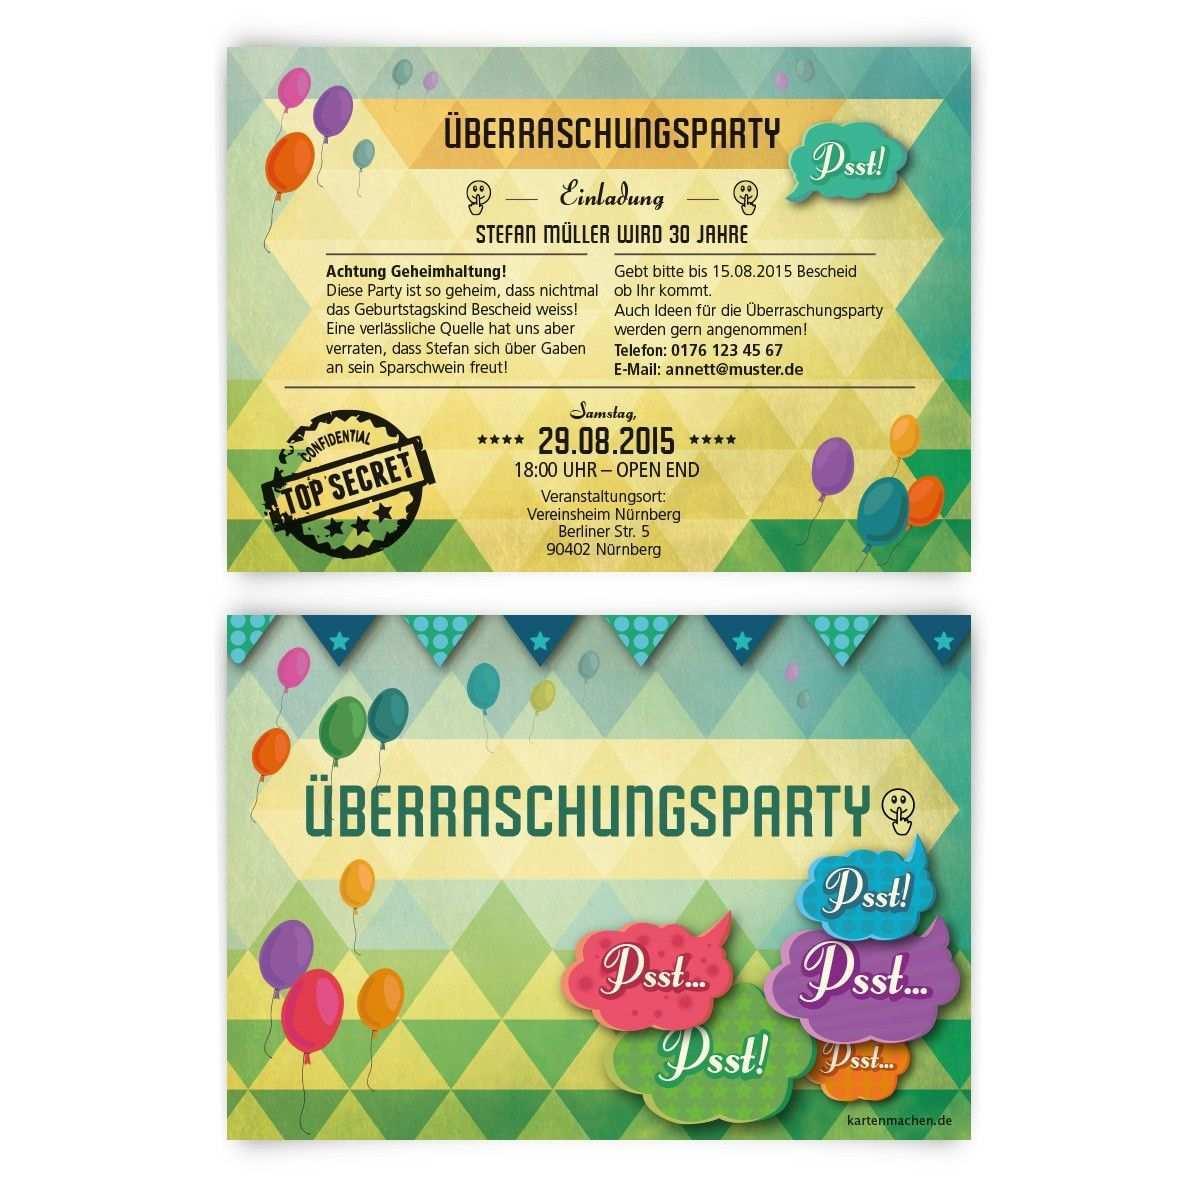 Einladungskarten Uberraschungsparty Geburtstag Einladung Geburtstagseinladu Einladungskarten Geburtstag Selbst Gestalten Uberraschungsparty Einladung Text